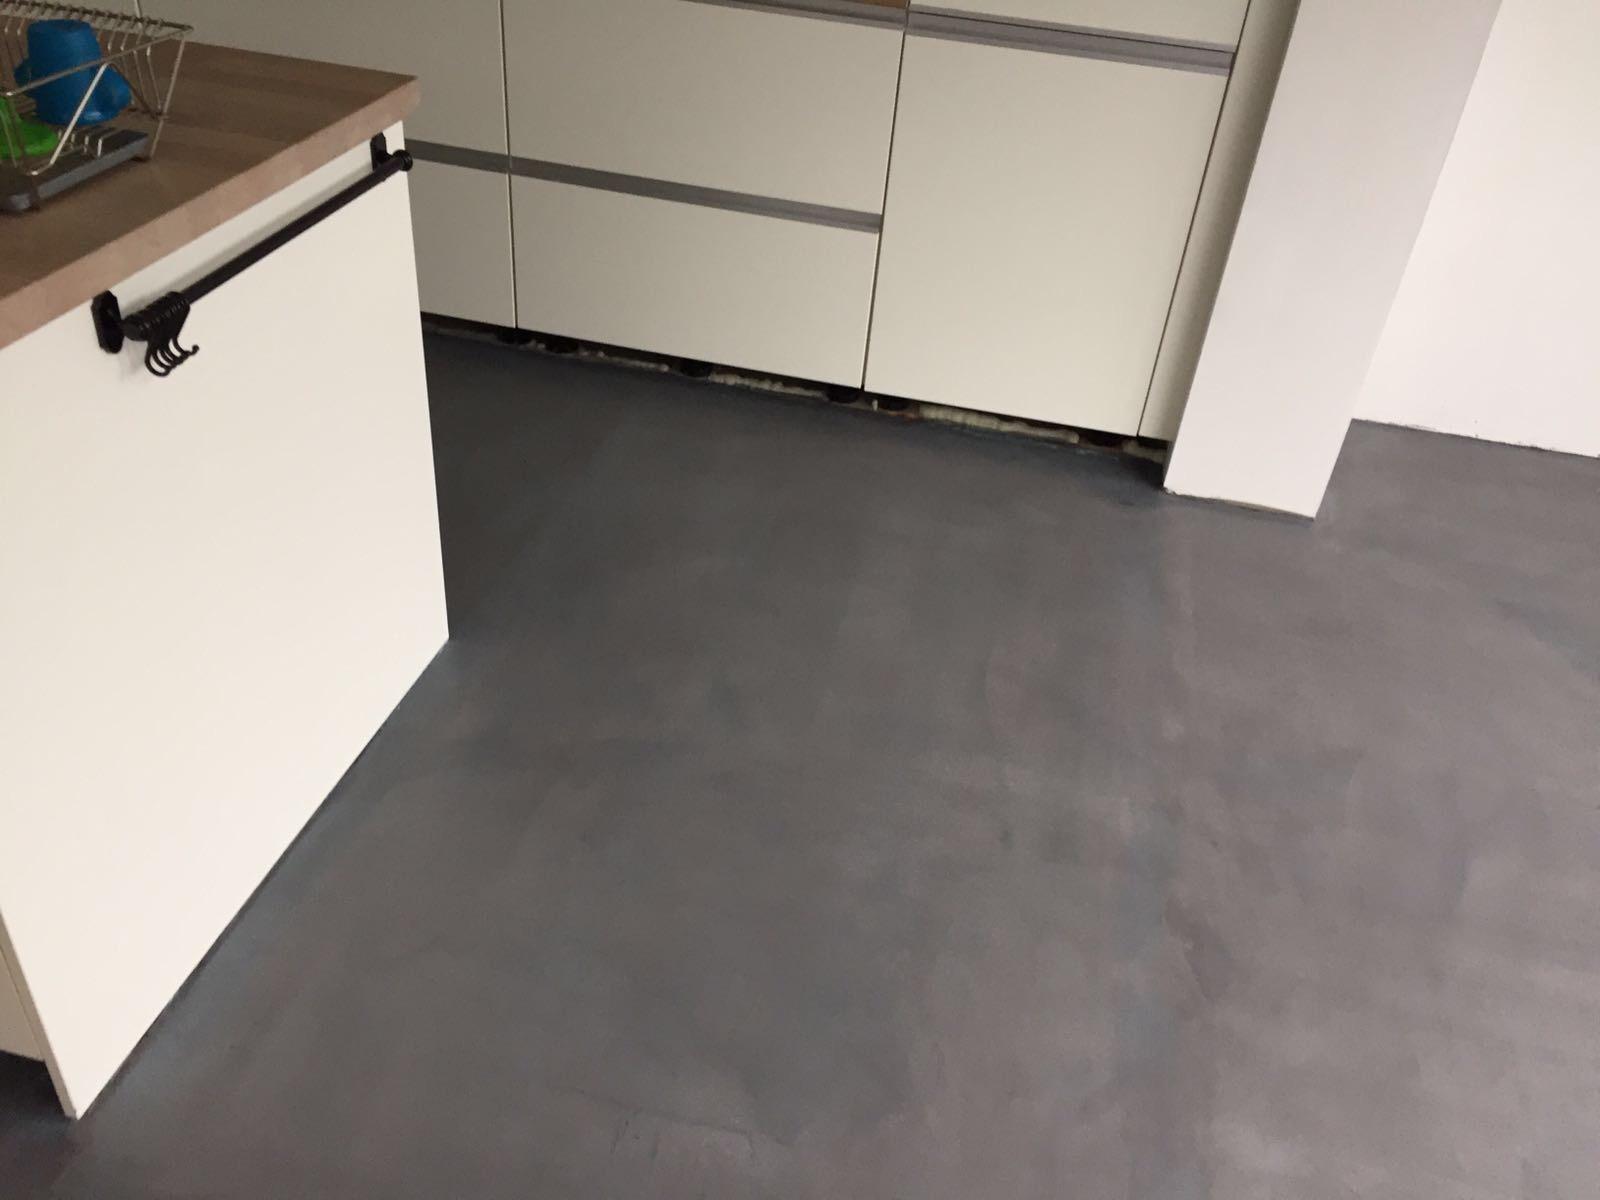 Betoon Look Vloer : Leef beton keukenvloer u waterdichte betonlook vloer voor in de keuken